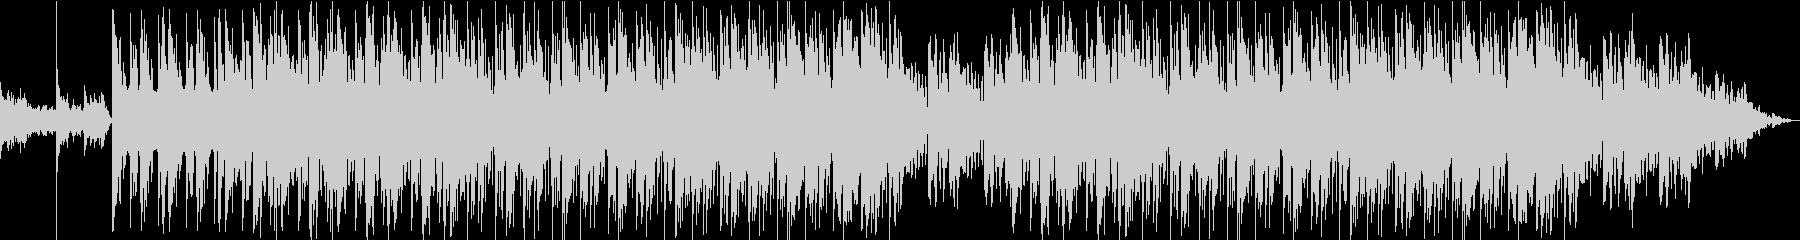 ドキュメンタリーのBGM-ピアノ・弦楽器の未再生の波形